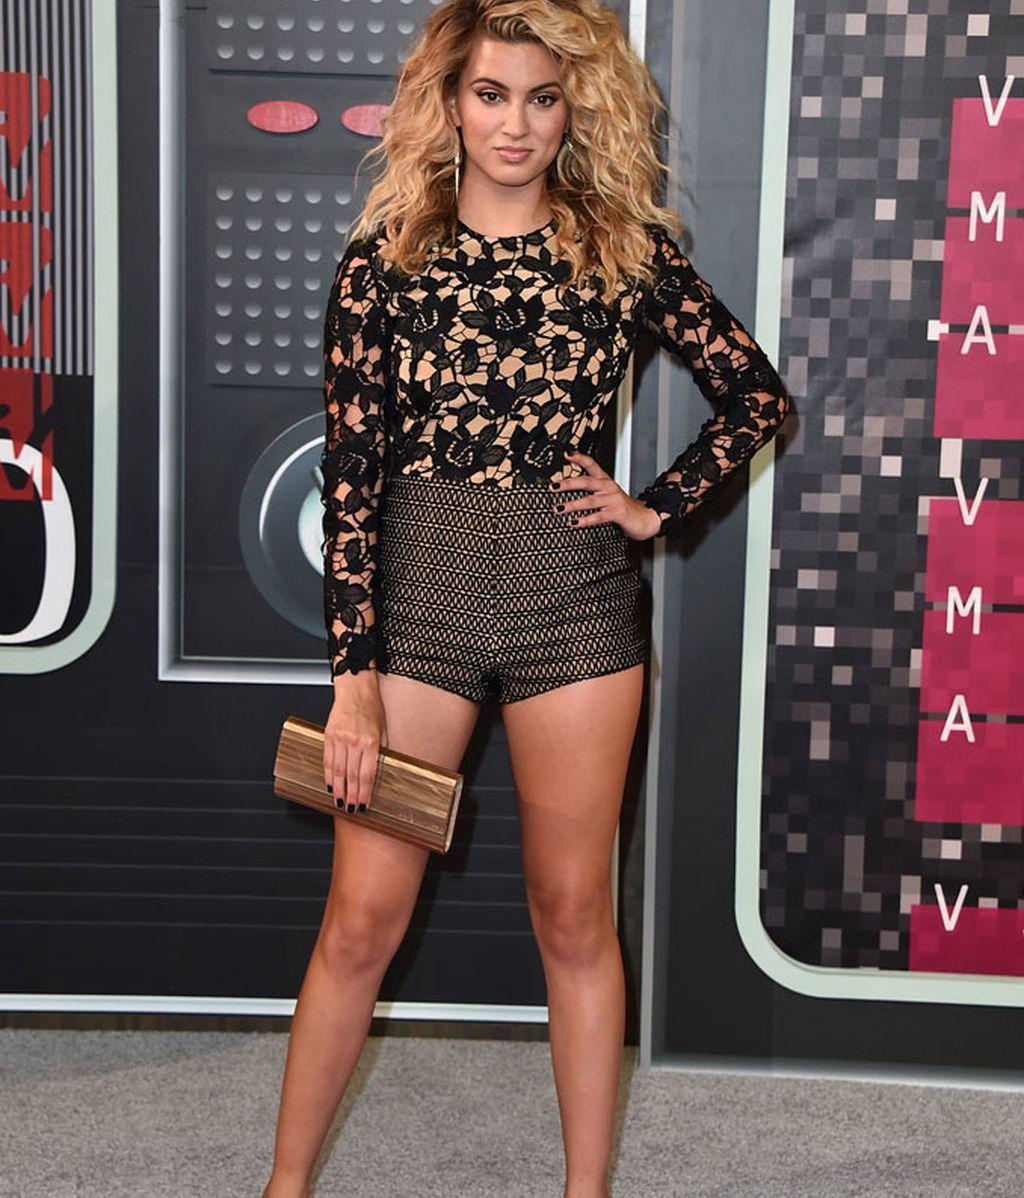 Tori Kelly luciendo piernas en los MTV